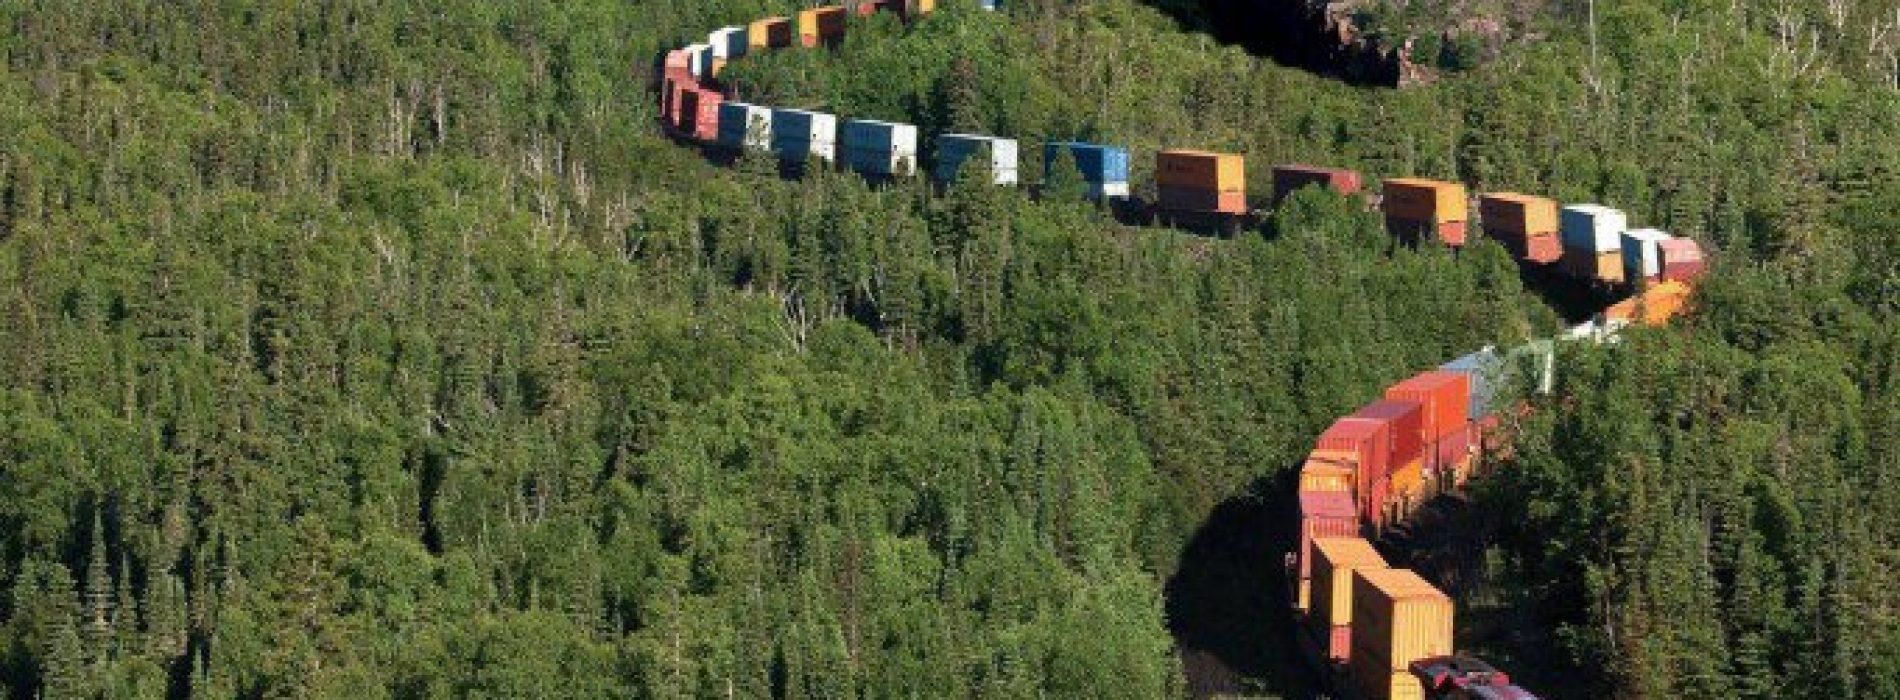 En Güzel Fotoğraflarıyla 8 Tren Yolu